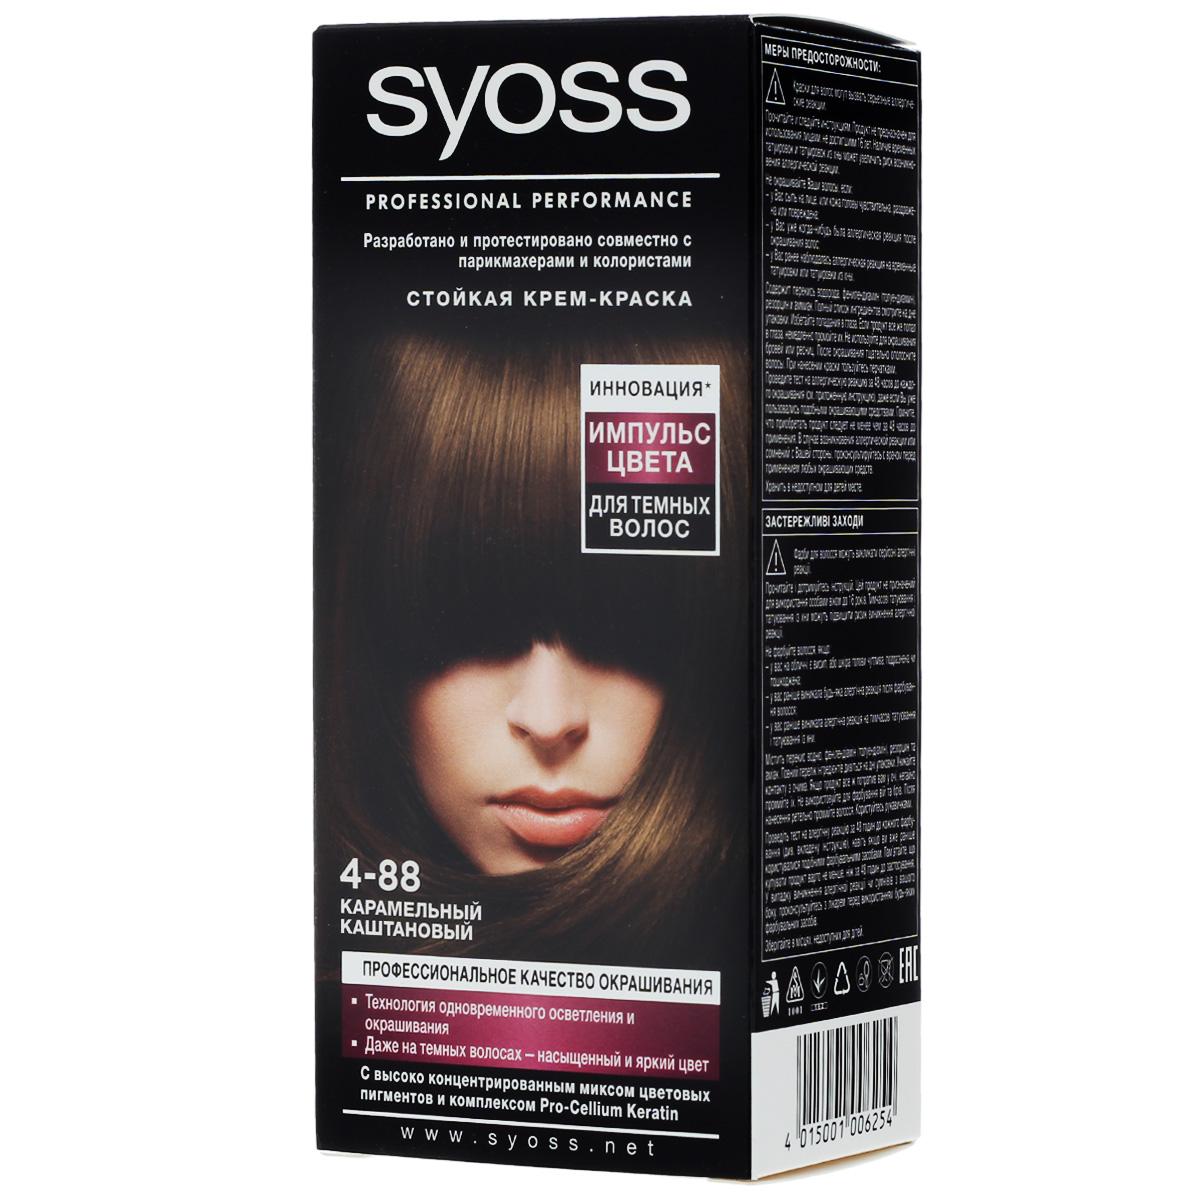 Syoss Color Краска для волос оттенок 4-88 Импульс цвета Карамельный каштановый, 115 мл